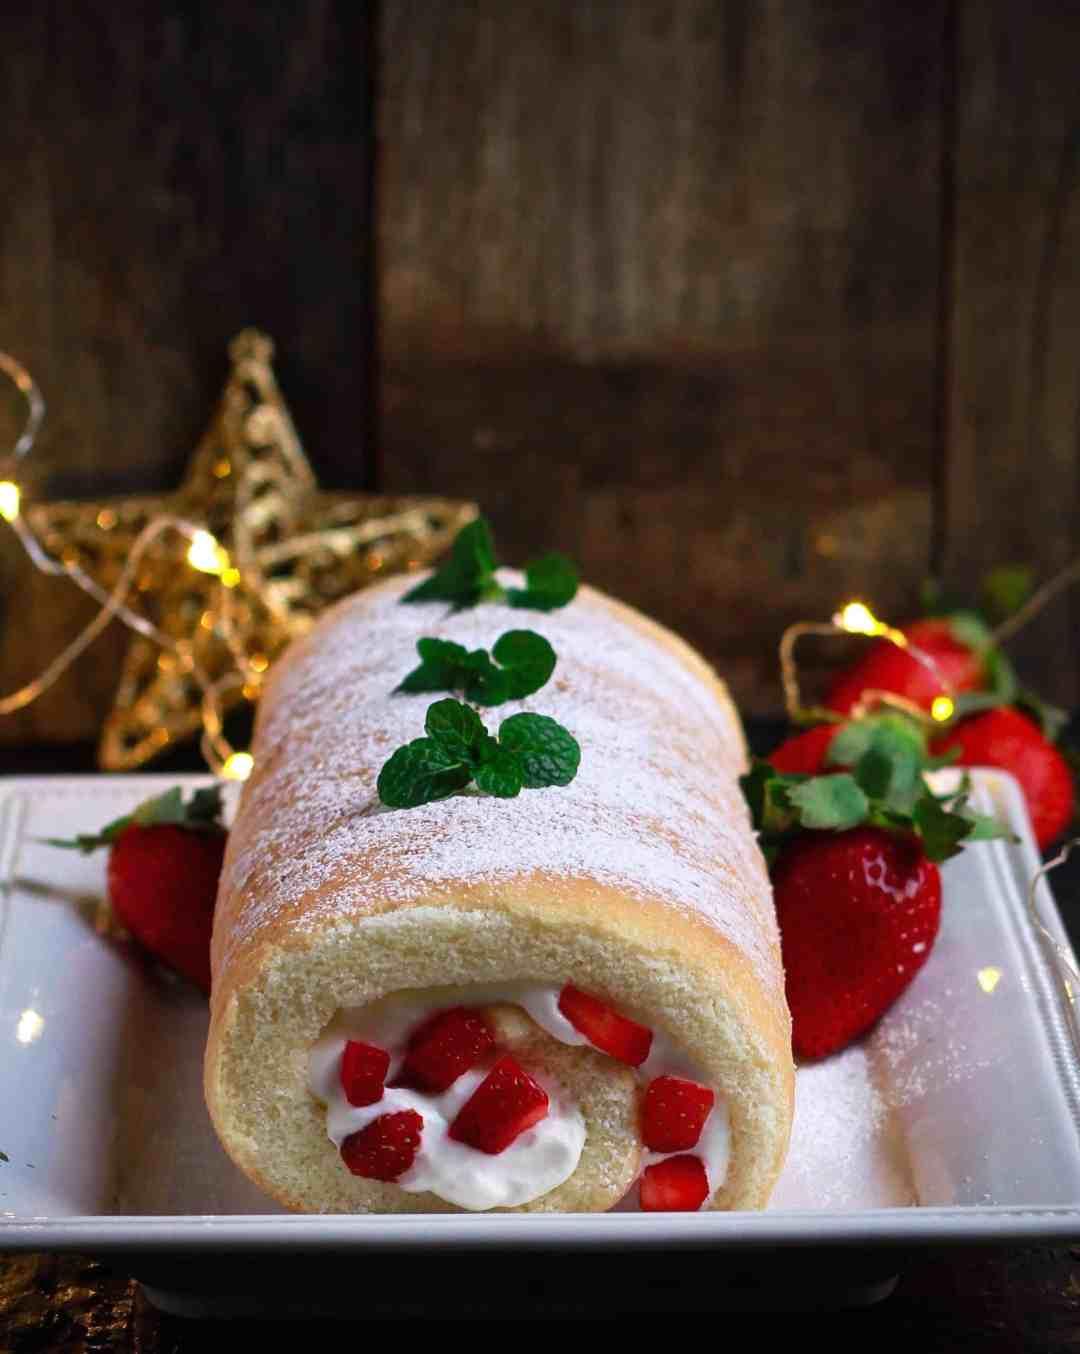 Strawberry & Cream Swiss Roll cake dessert festive season easy baking Christmas